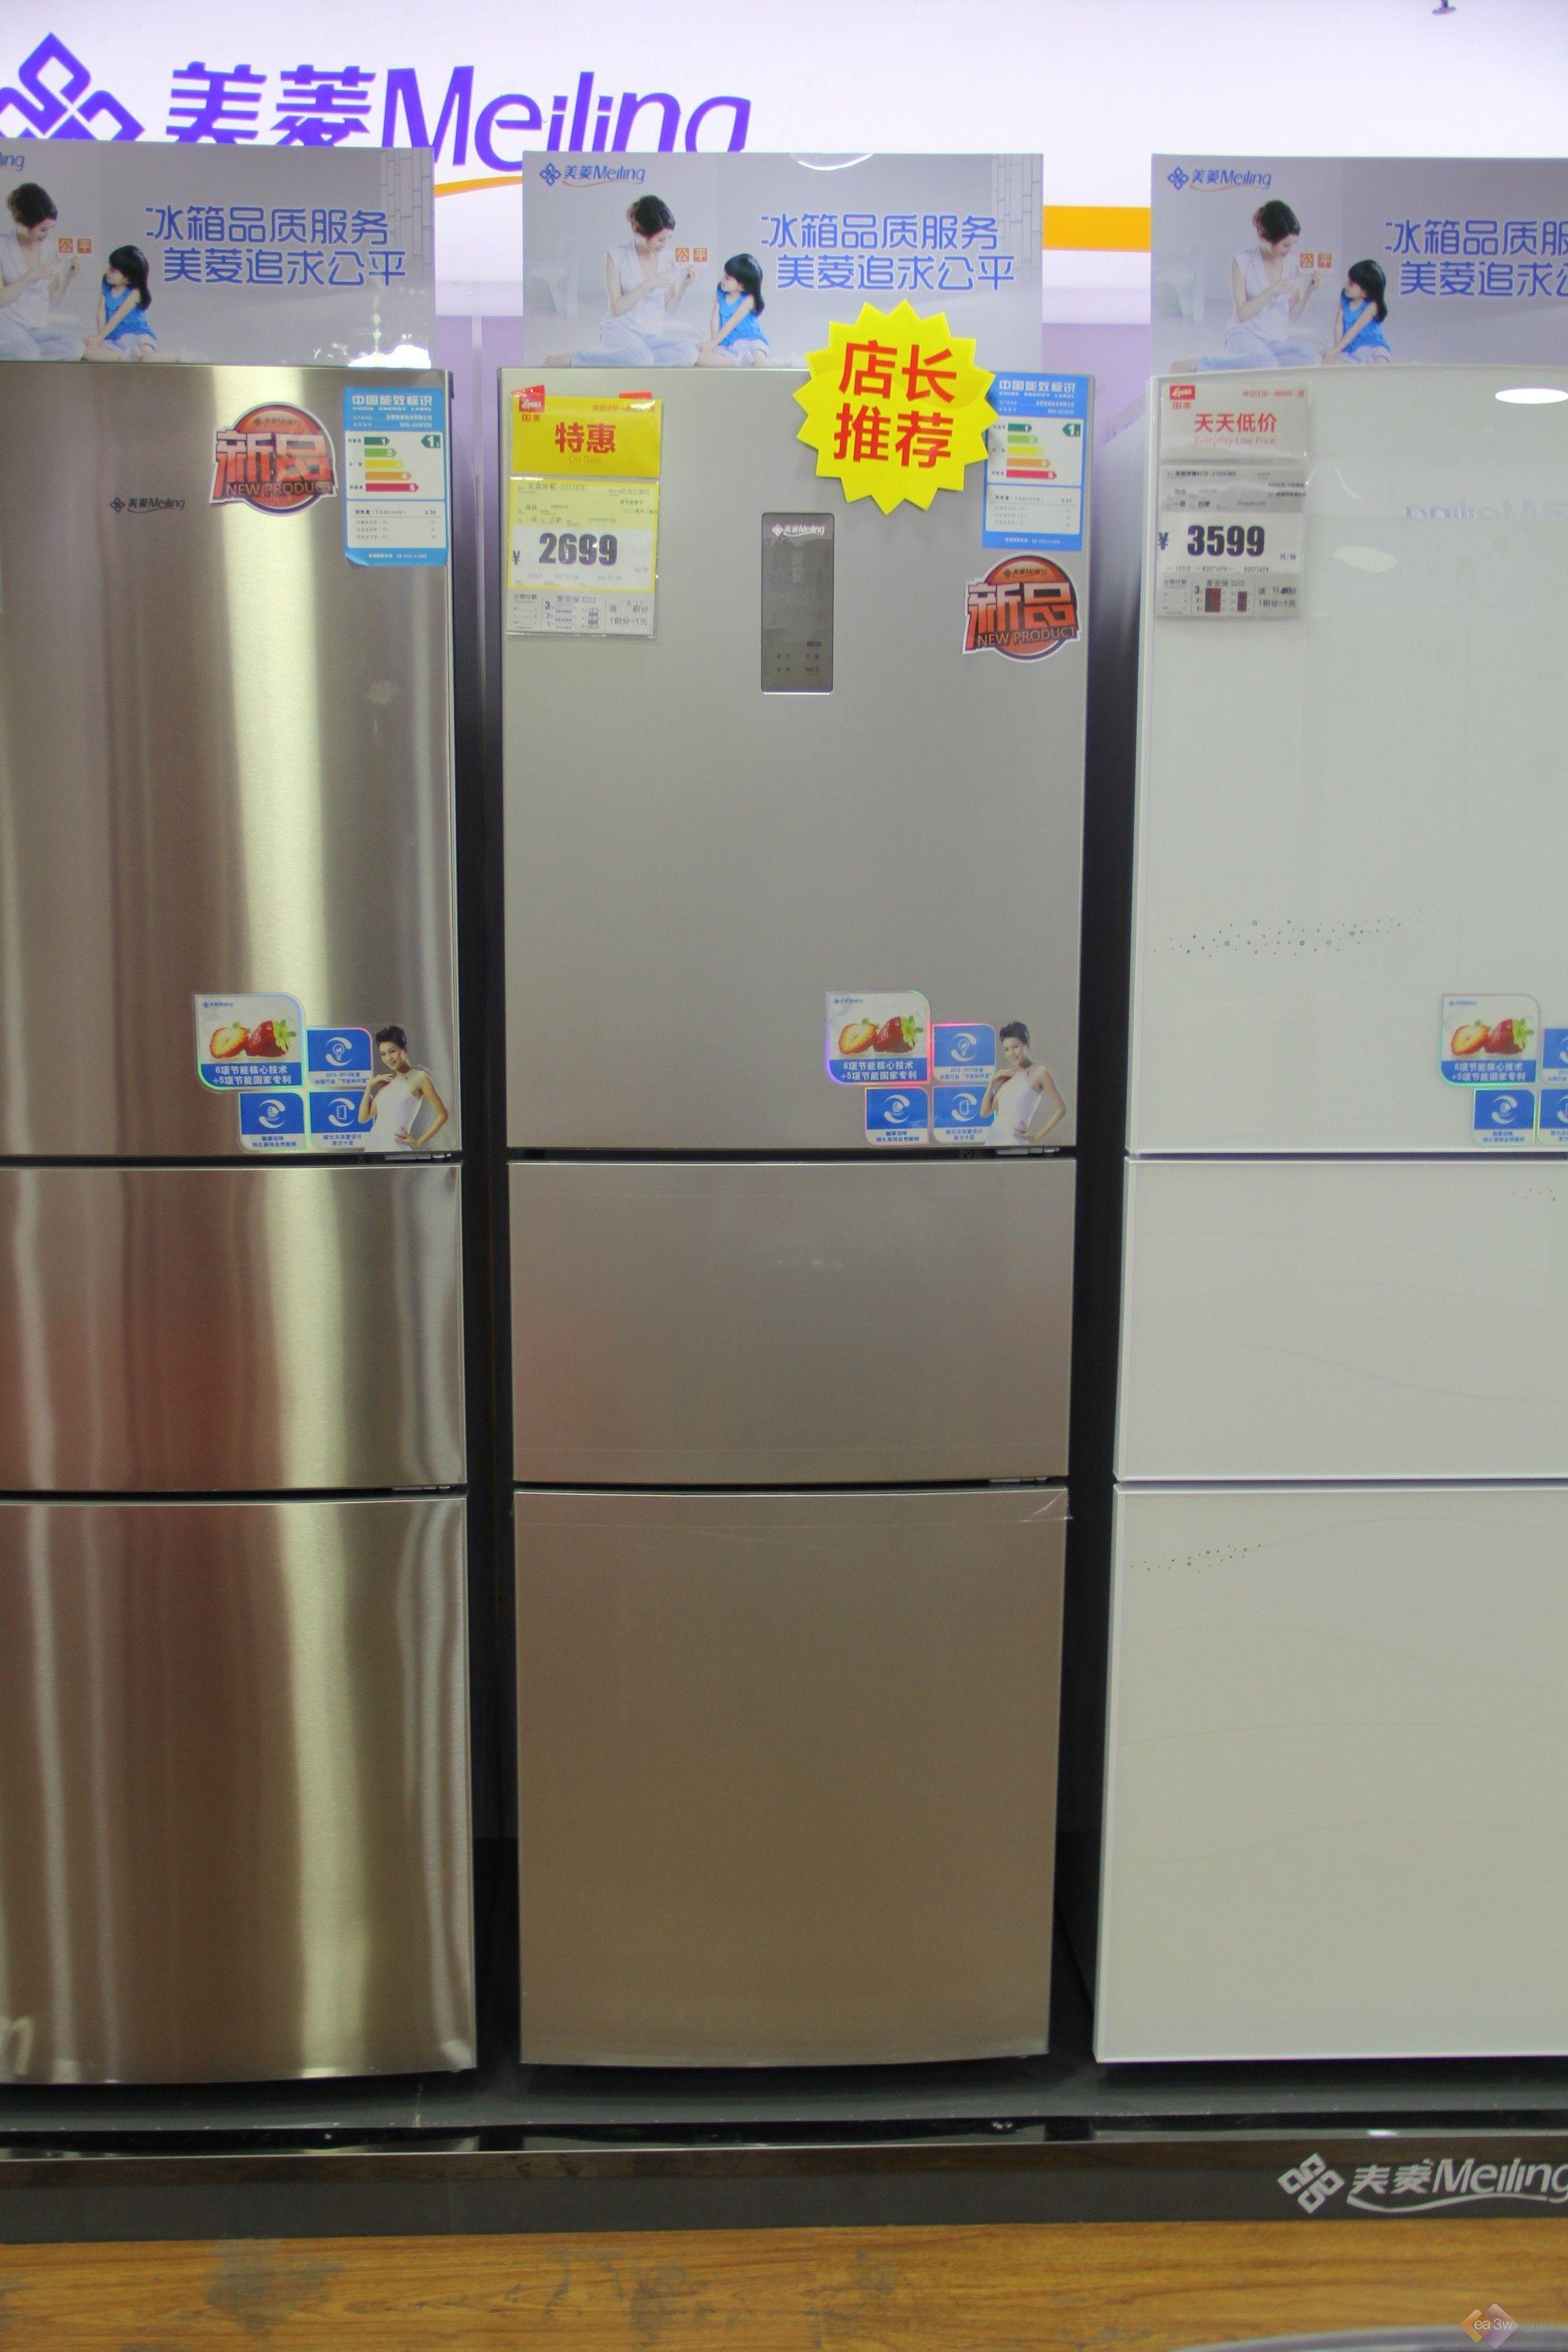 在选购冰箱产品时,用户越来越看重冰箱的容积以及无霜保鲜等性能,如何选购到心仪的好冰箱也成为人们关注的焦点。元旦假期去卖场选购一台风冷无霜、保鲜好的冰箱产品,能带给家人健康的饮食。小编这里就为大家推荐一款美菱的风冷冰箱,先进的0.1度变频的运用让这款冰箱的性能有出色的表现。 这款美菱雅典娜冰箱,在外观设计上摒弃了过多沉重的修饰,其代表水晶意义的施华洛世奇为灵感,配以乐谱般的韵律纹图案,美轮美奂的全